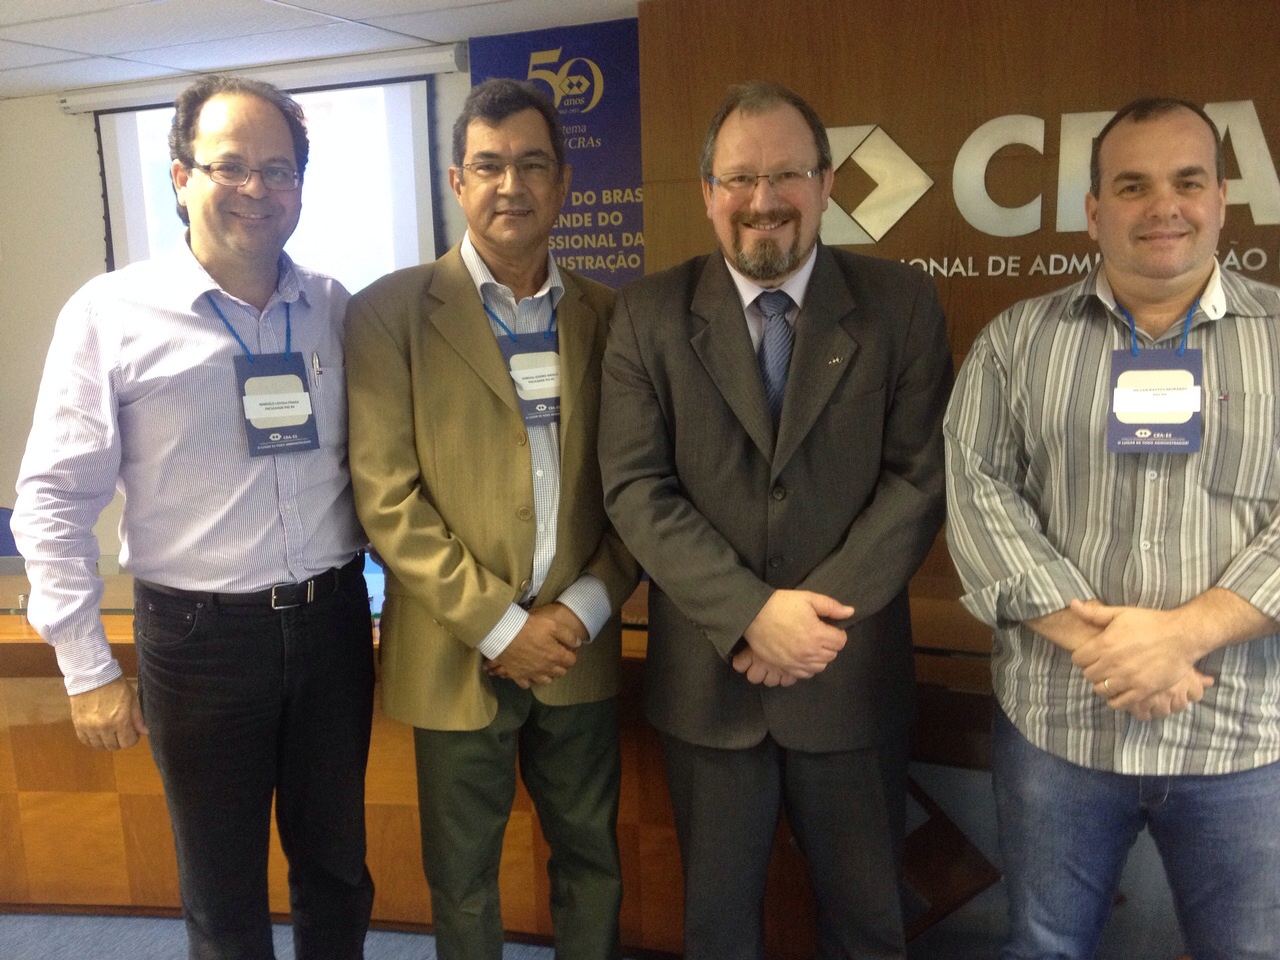 Coordenadores participam de evento promovido por CRA e SINEPE